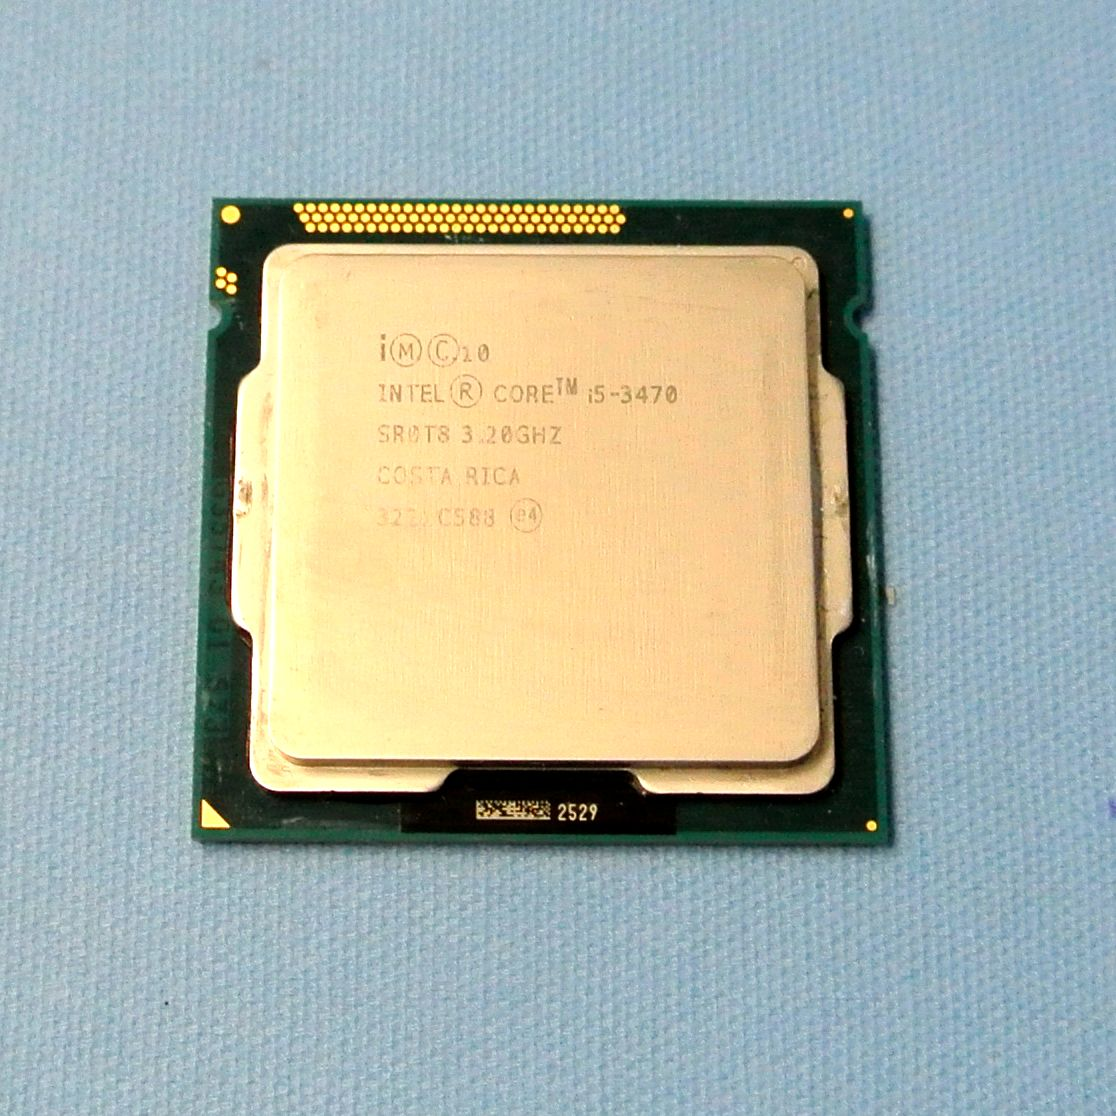 送料込★動確済★Intel Core i5-3470 3.20GHz/6MB/4コア/LGA1155/SR0T8/Z77・Q77・H77 対応